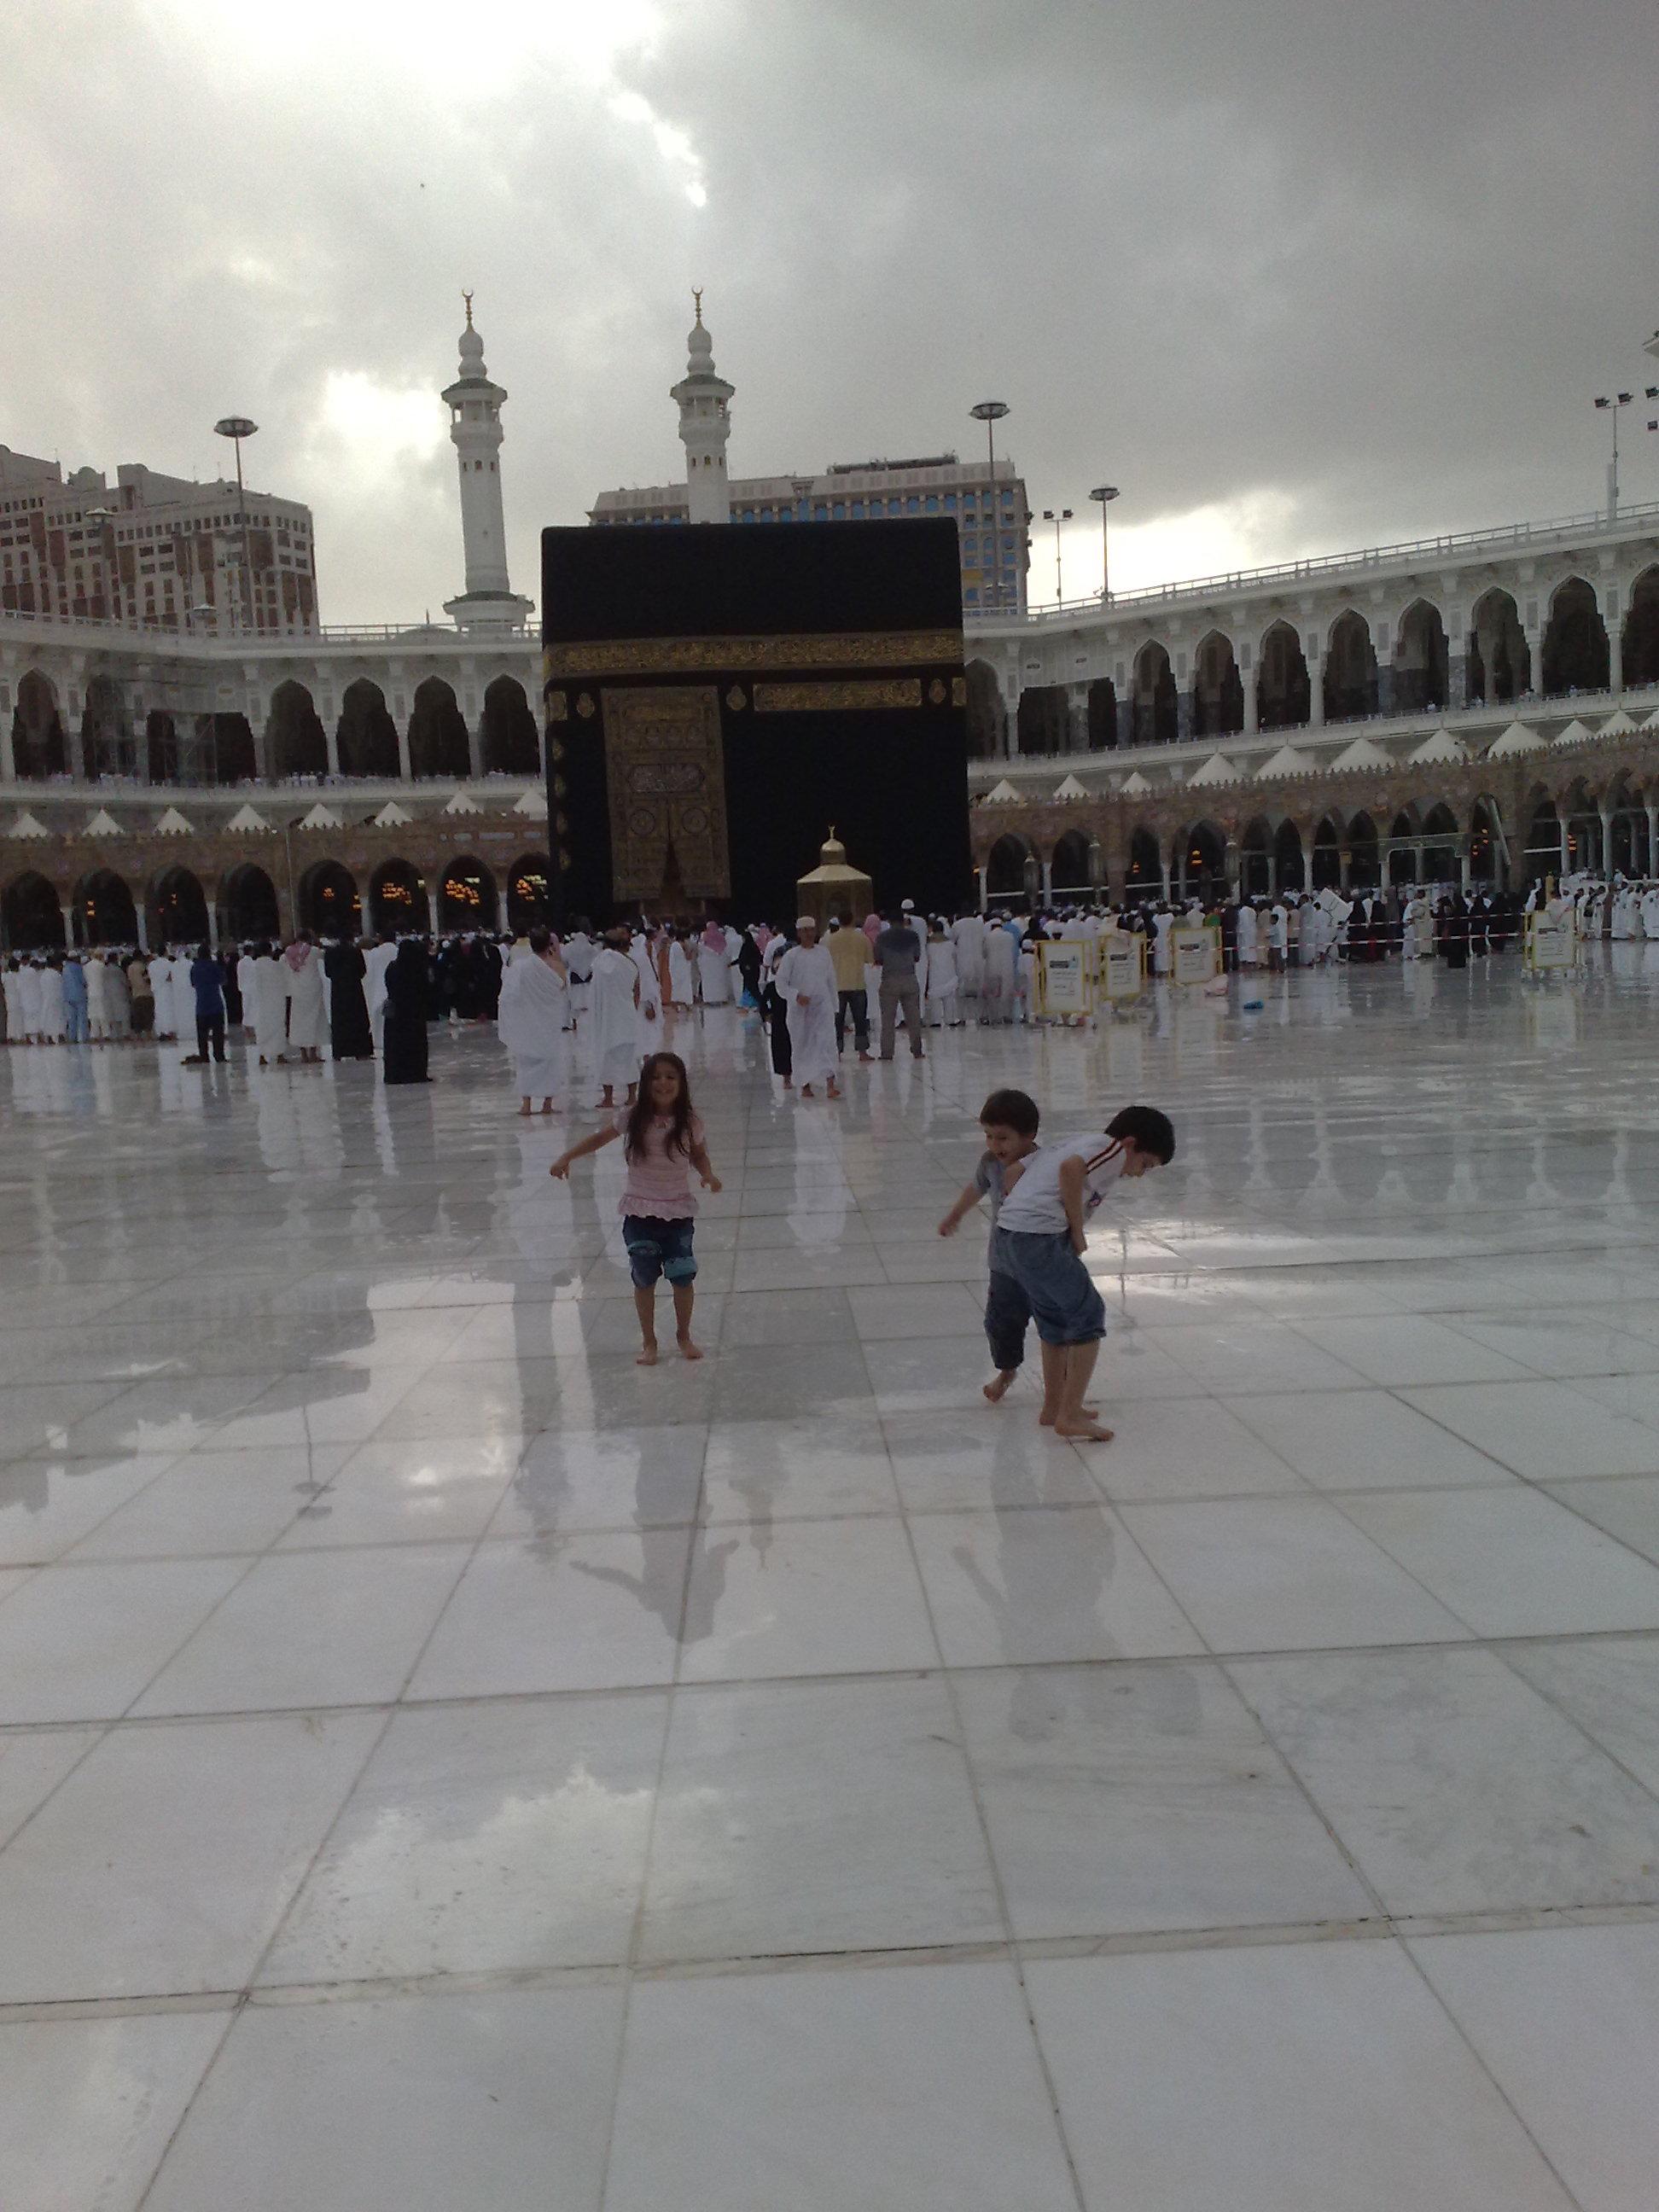 بالصور بث مباشر من المسجد الحرام بمكة المكرمة 434 7